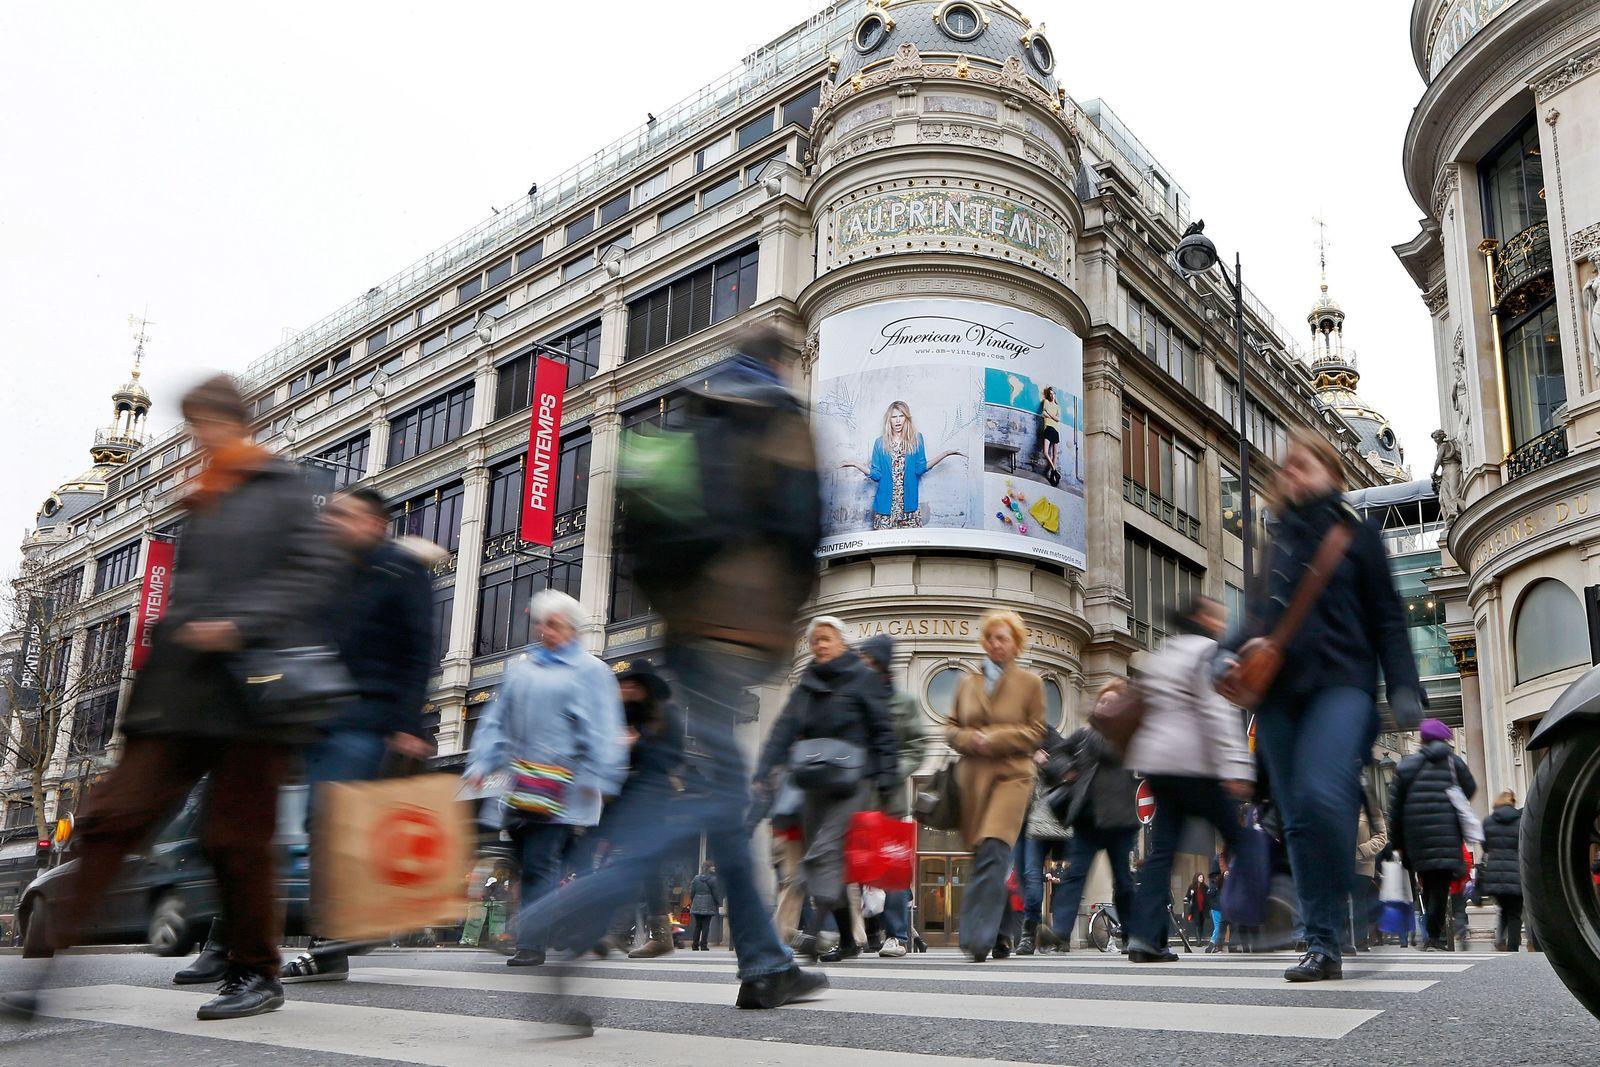 Frankreich / Konjunktur / Wirtschaft / Konsum / EU-Länder